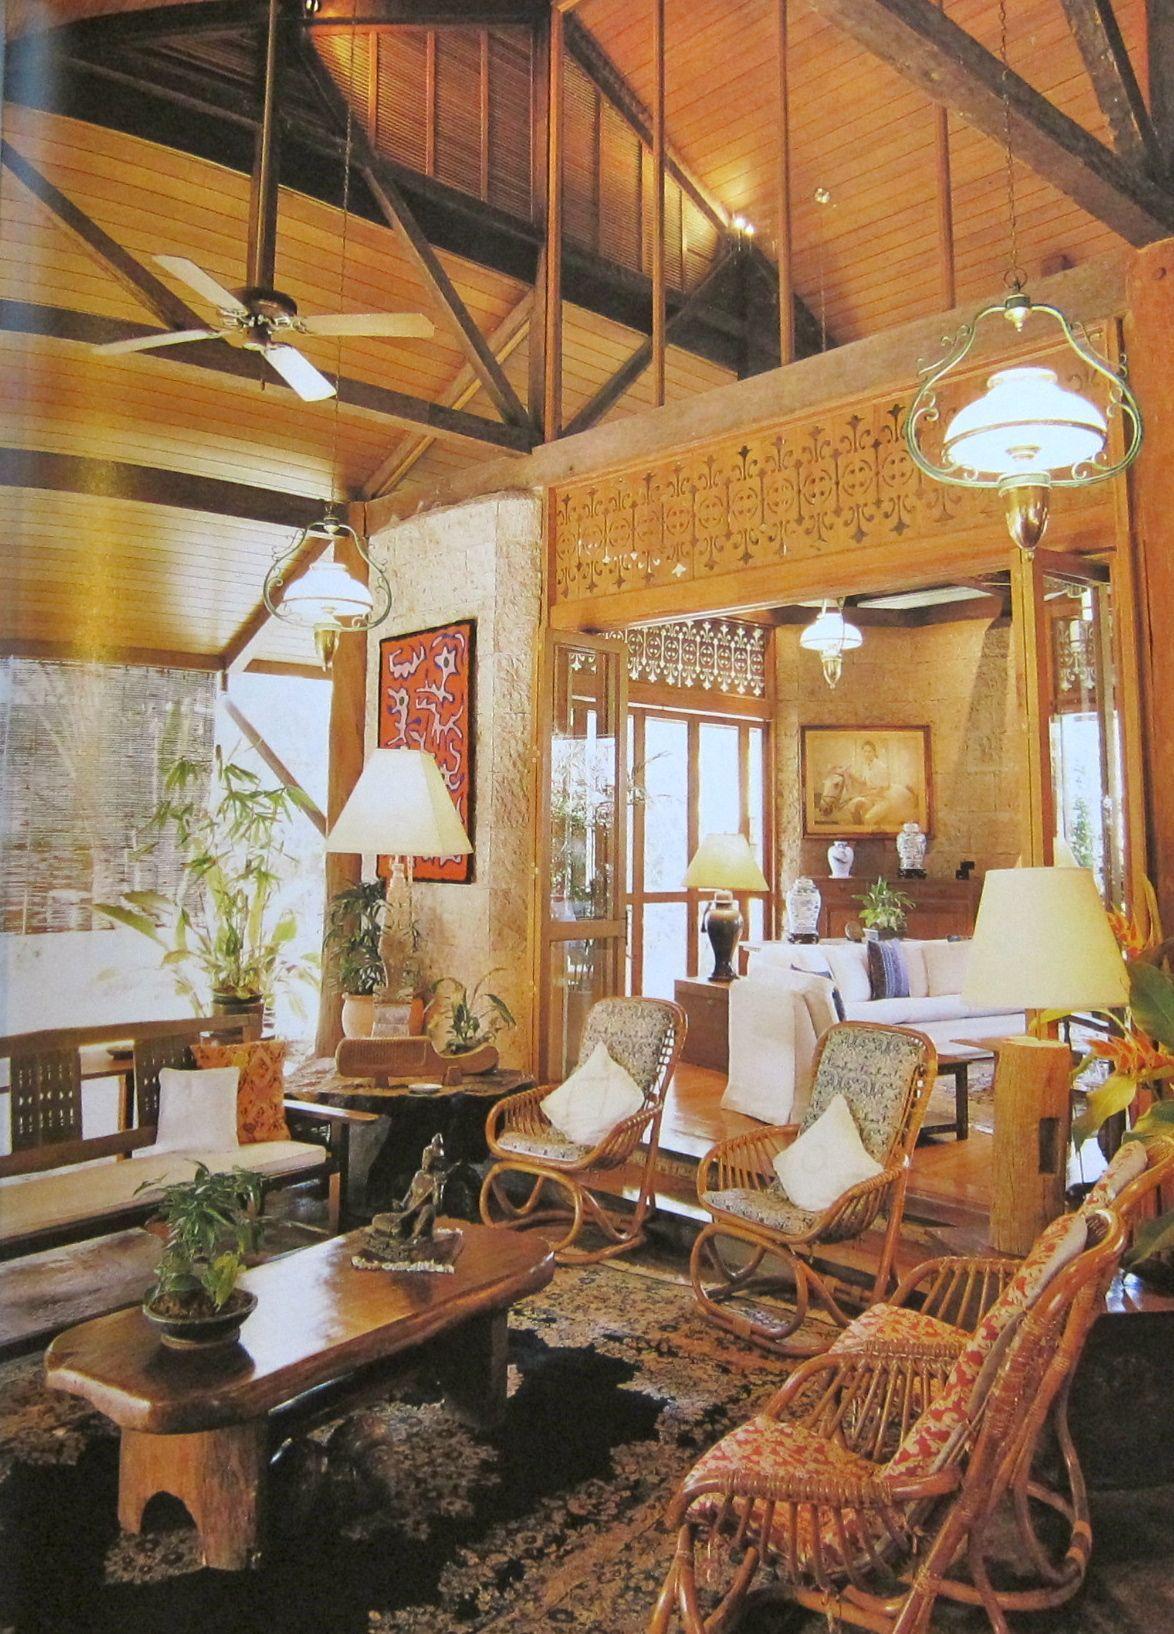 Philippine Interiors Designs Architectures Landscapes ...